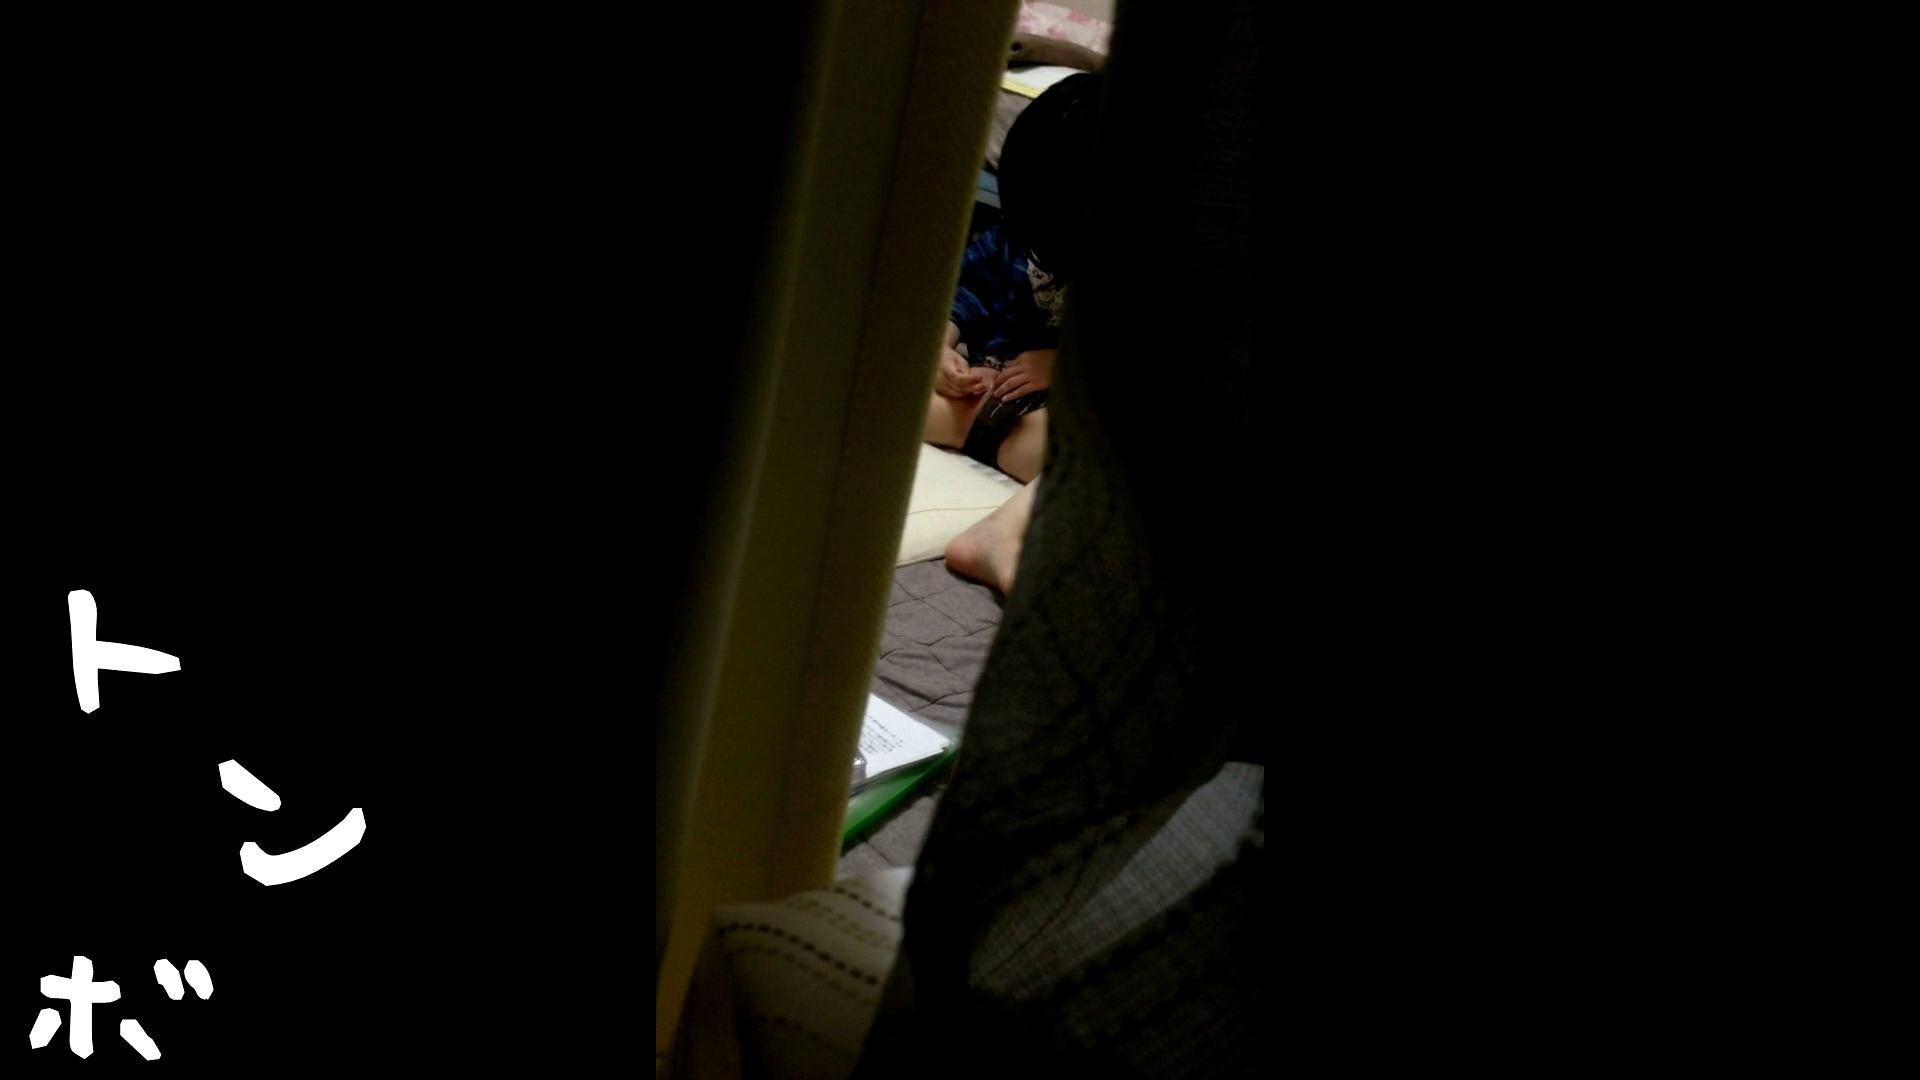 リアル盗撮 作家志望J子 アソコのお手入れ最中に感じてパンツを湿らす 美女 隠し撮りすけべAV動画紹介 105pic 82